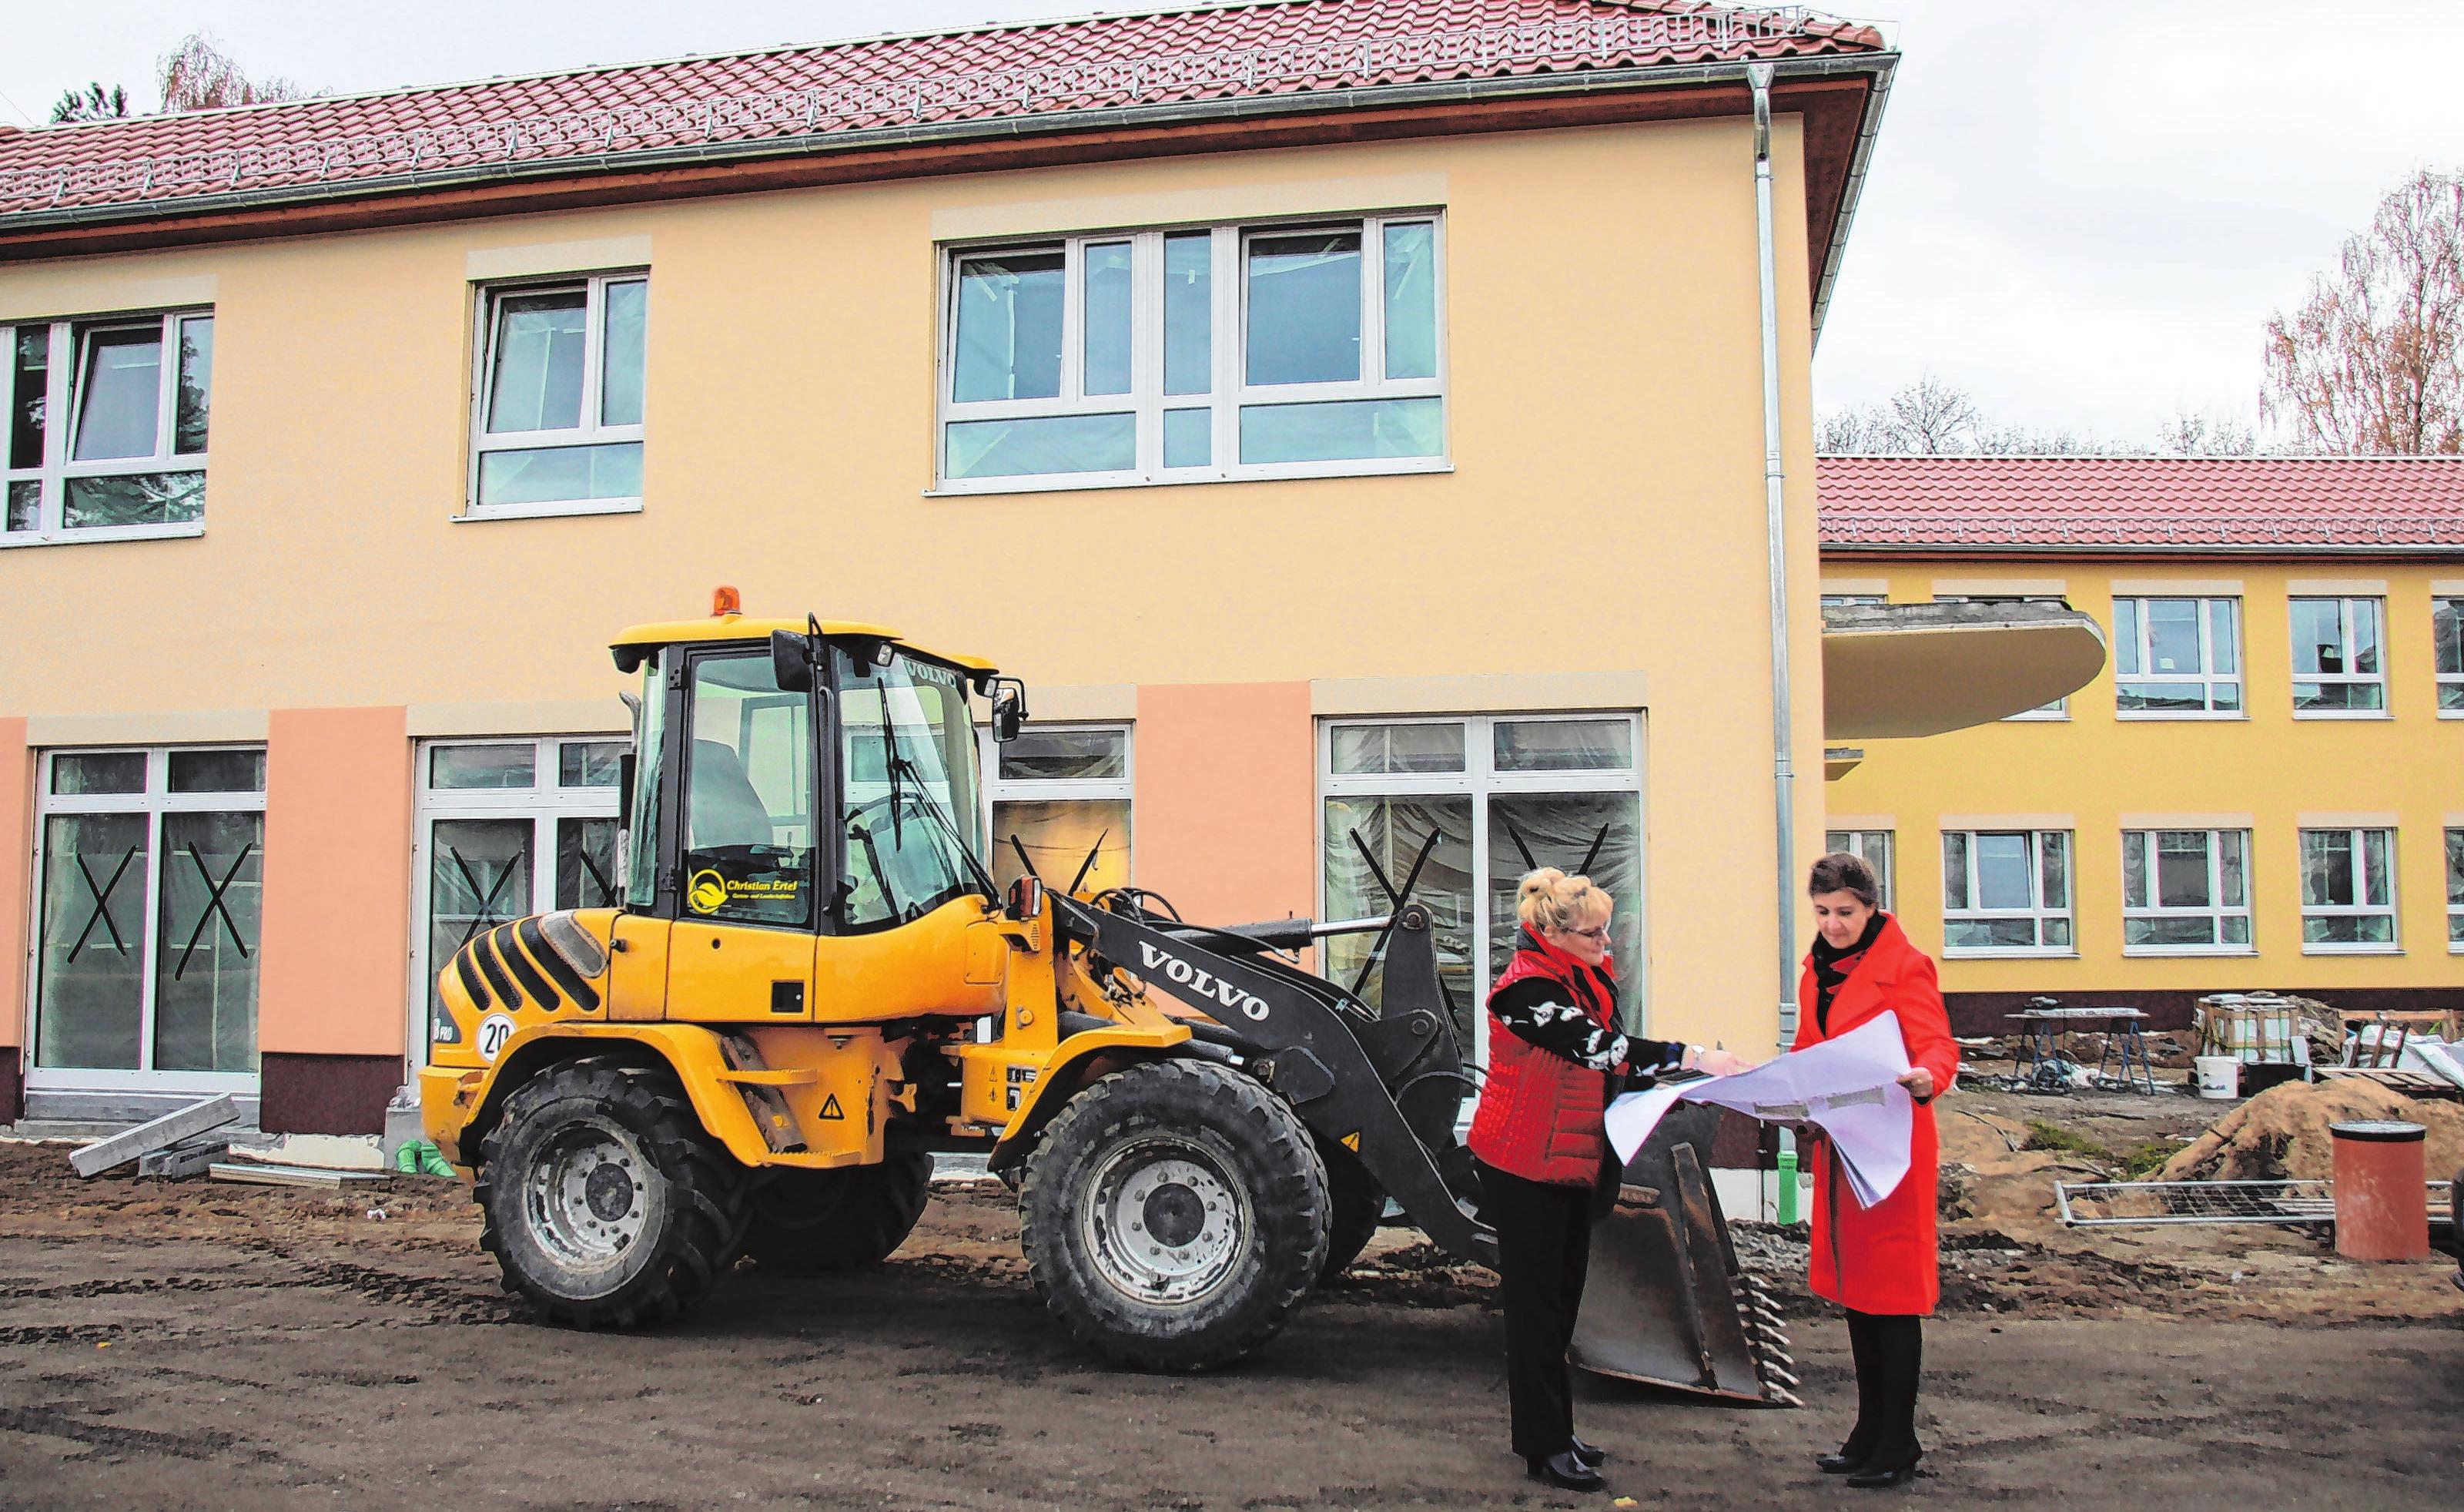 Anke Schmidt-Gabriel (Schulleiterin) und Doreén Ritter (stellvertretende Schulleiterin) vor dem neuen Gebäude. Der Bau fand auch während des laufenden Schulbetriebes statt. Foto: Wolfgang Radeske